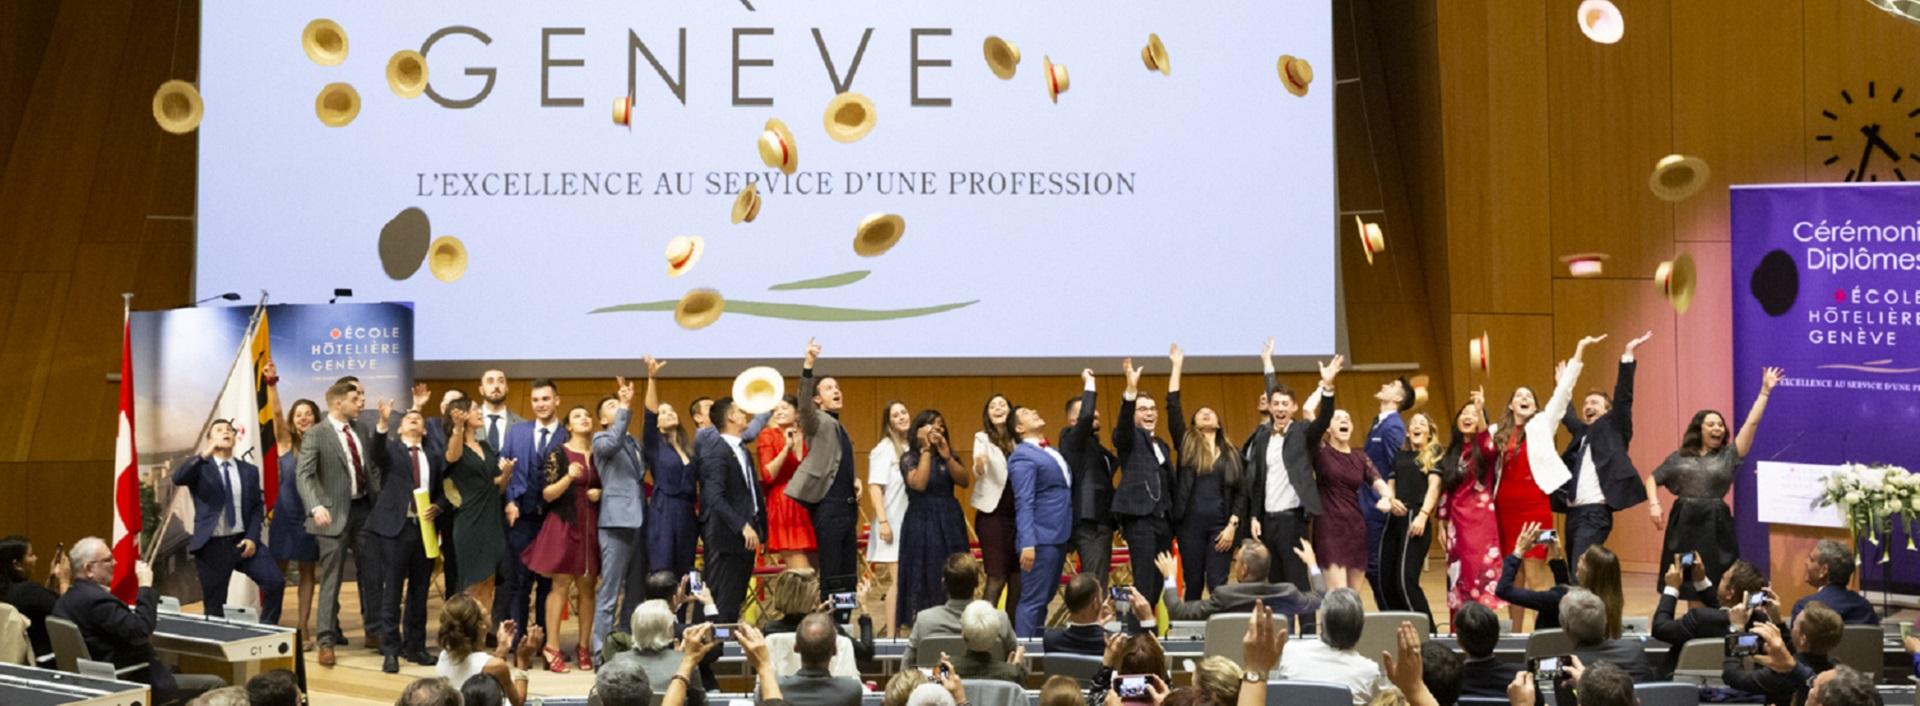 Cérémonie de remise des diplomes Promotion CHI Geneve Ecole Hôtelière de Genève.